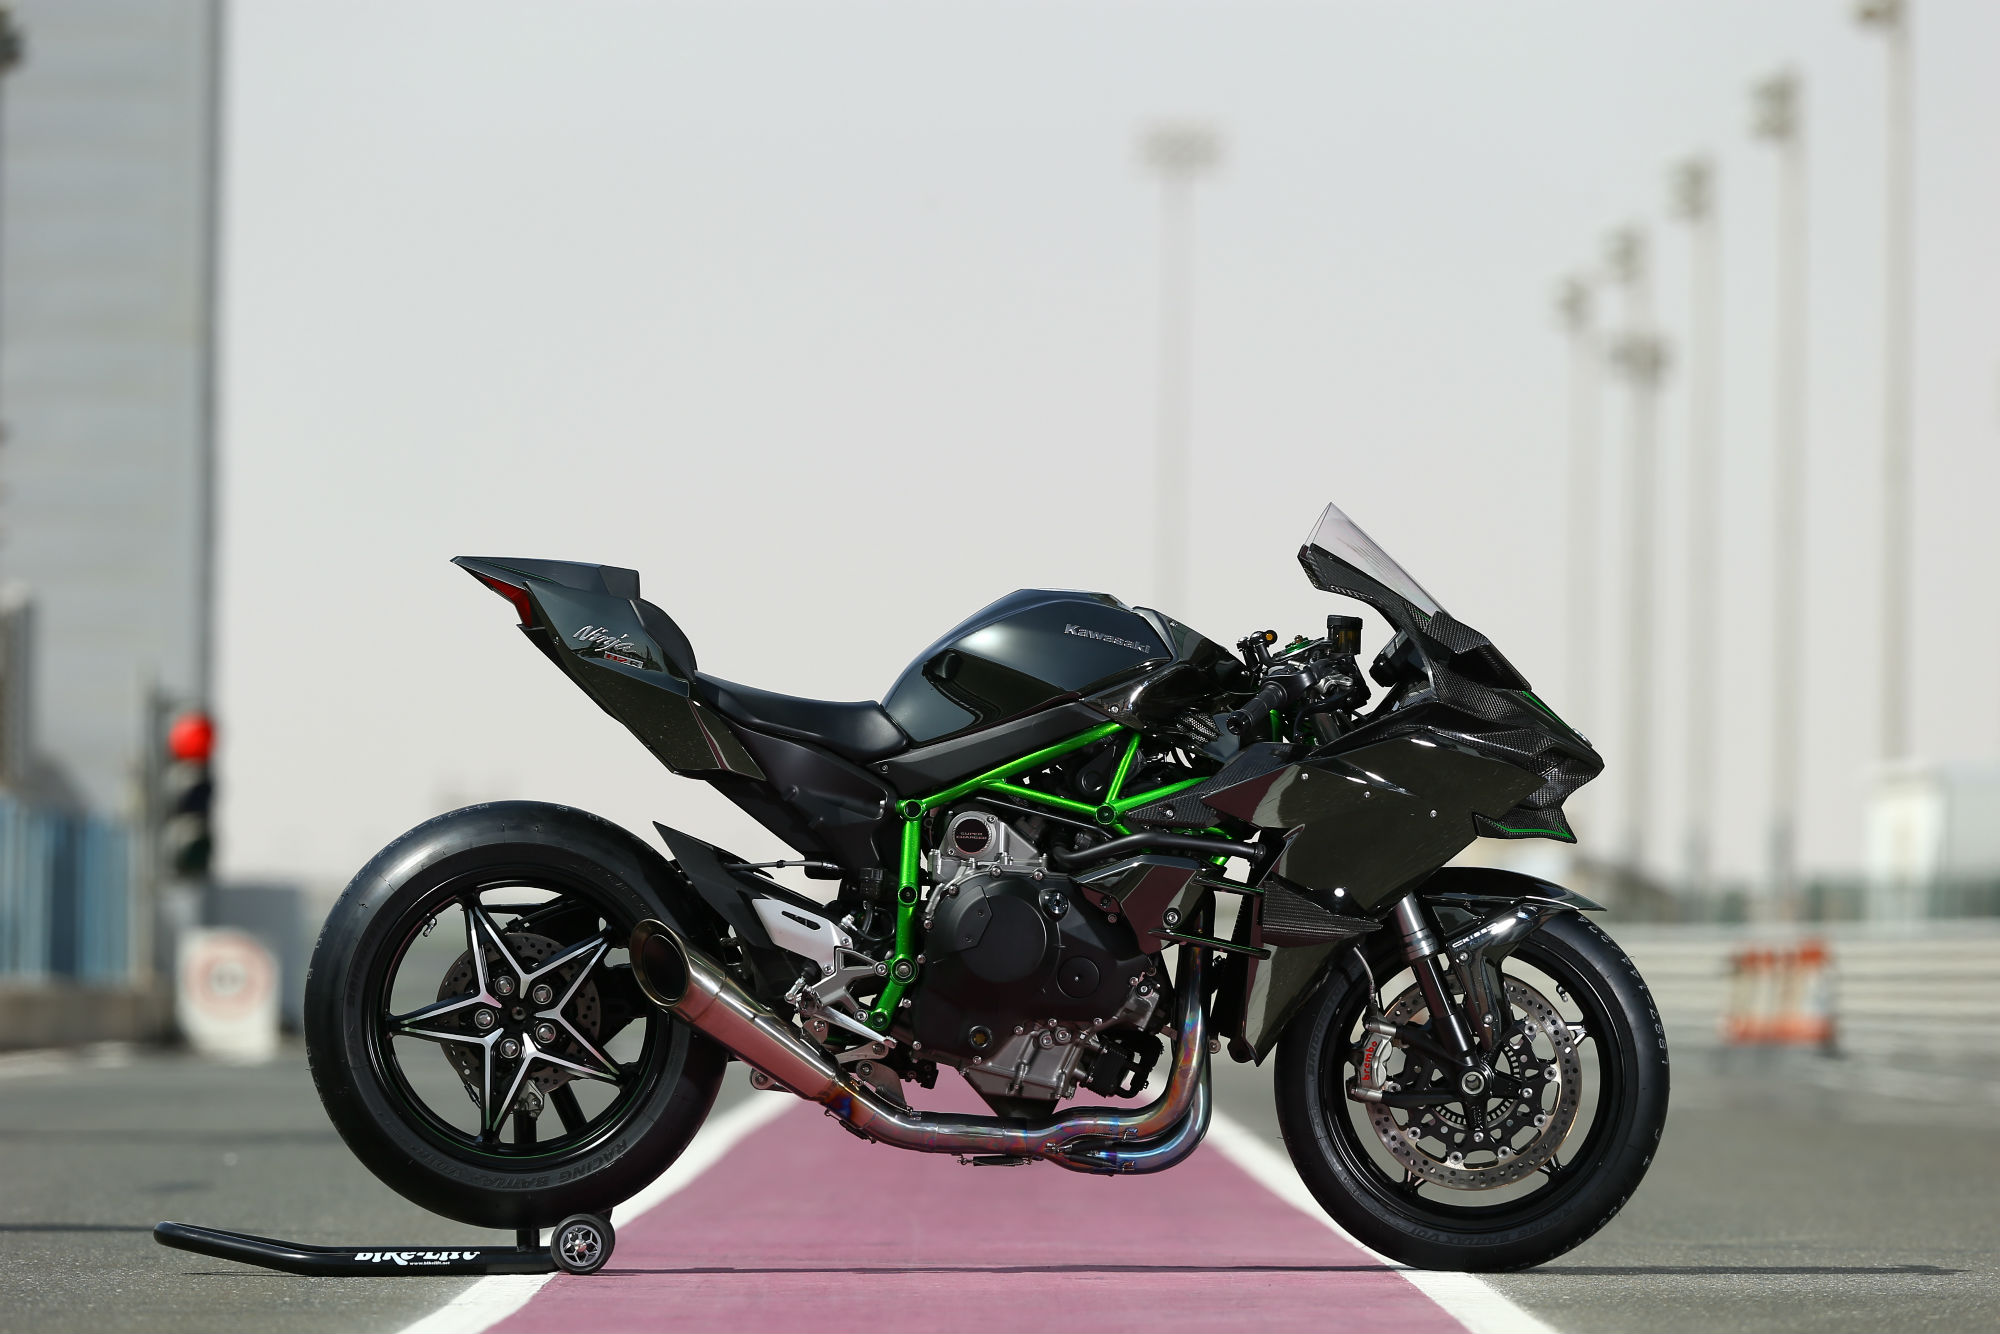 First ride: Kawasaki Ninja H2 and H2R review